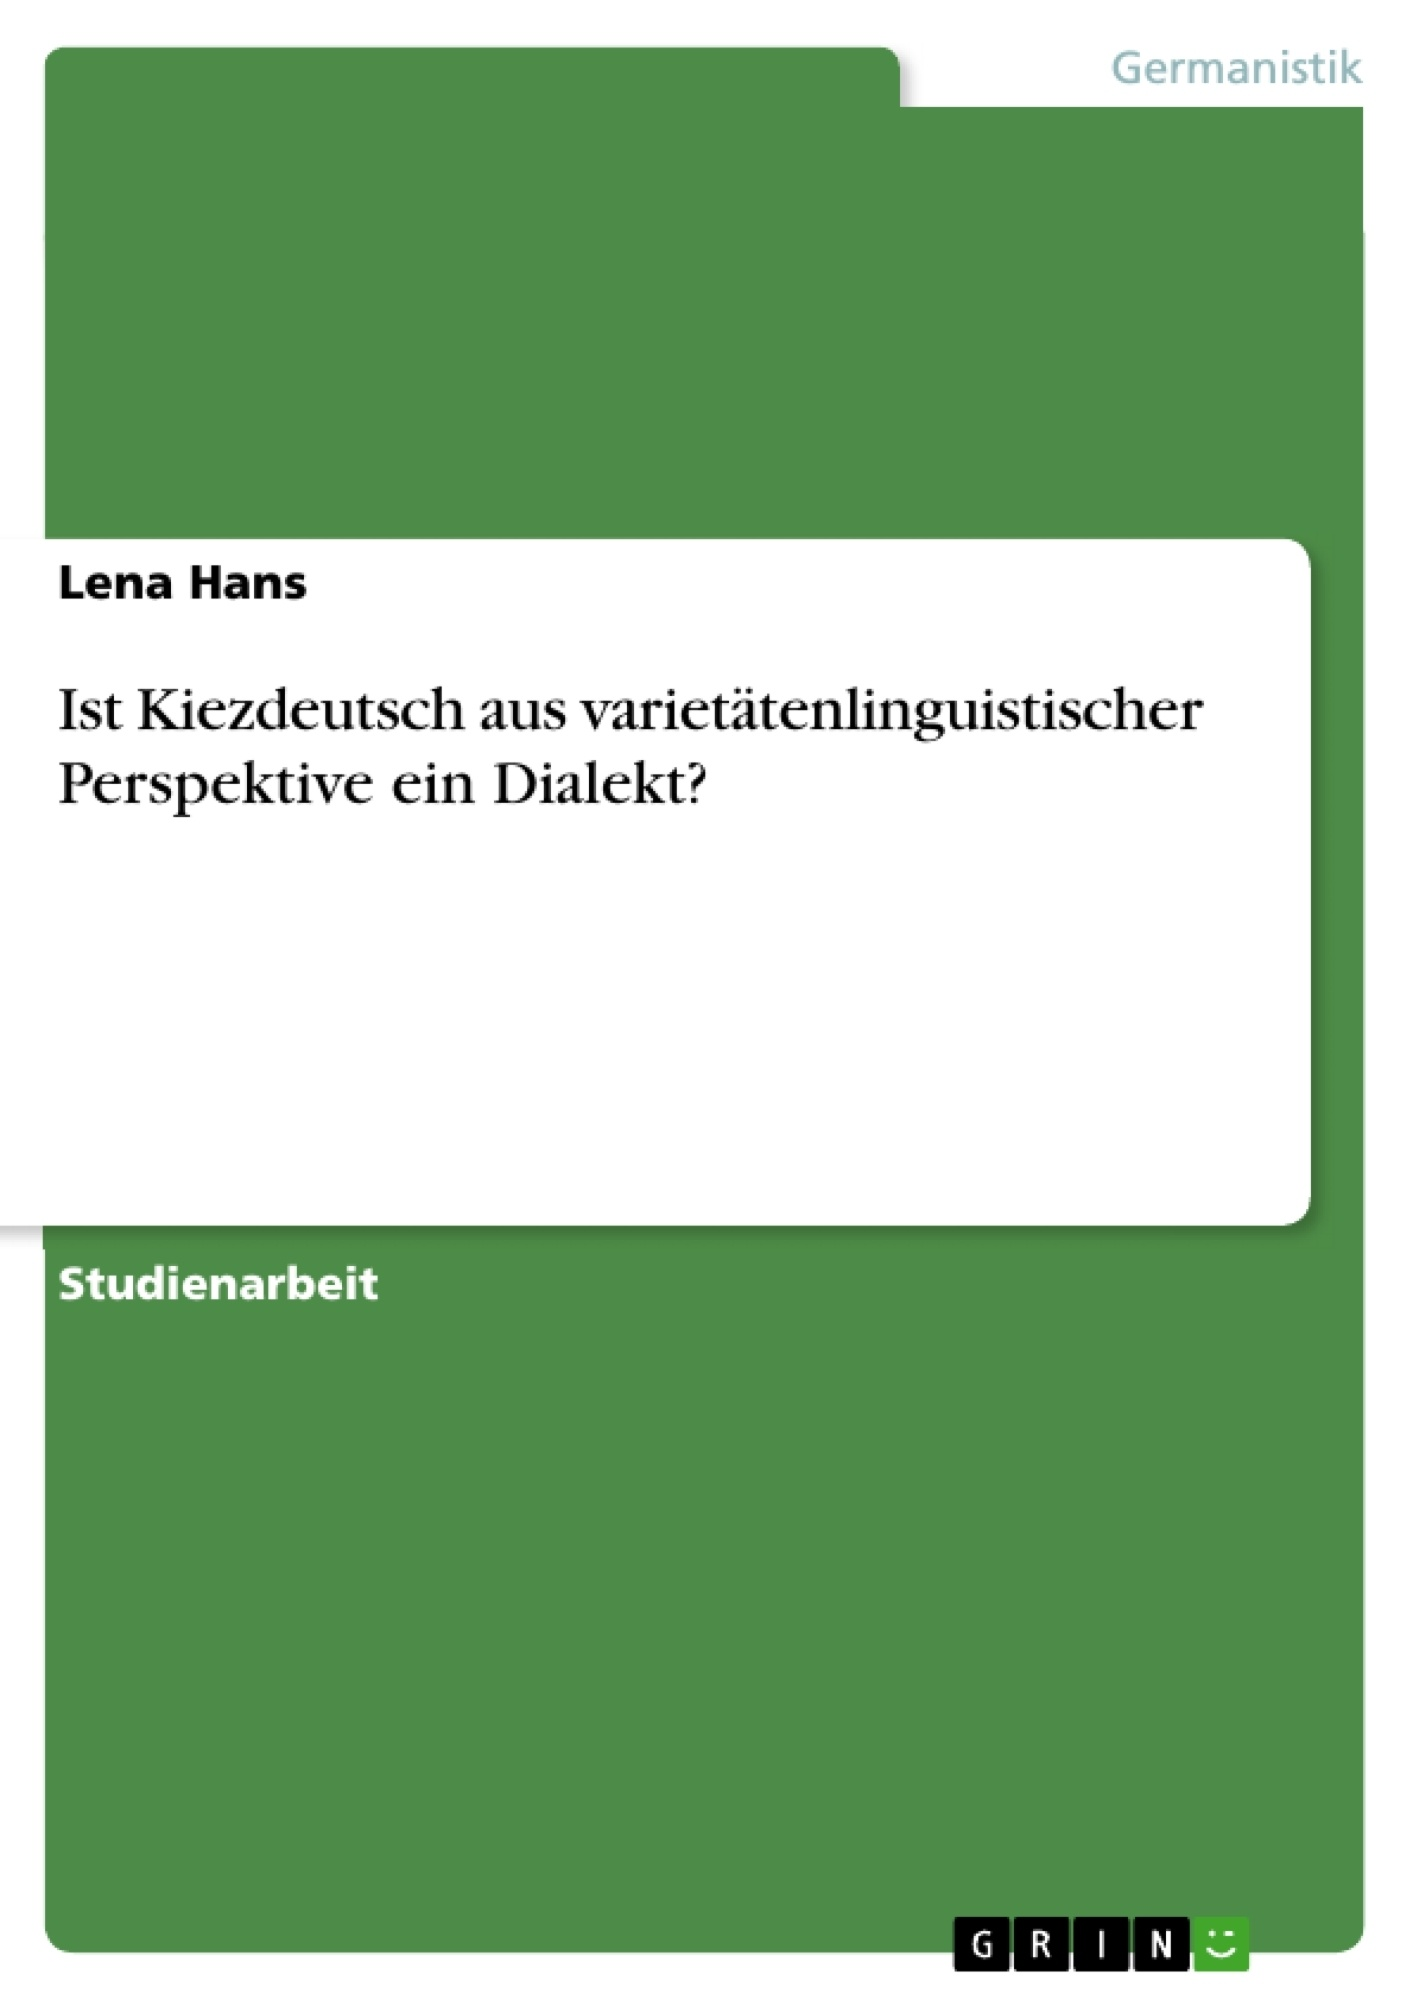 Titel: Ist Kiezdeutsch aus varietätenlinguistischer Perspektive ein Dialekt?